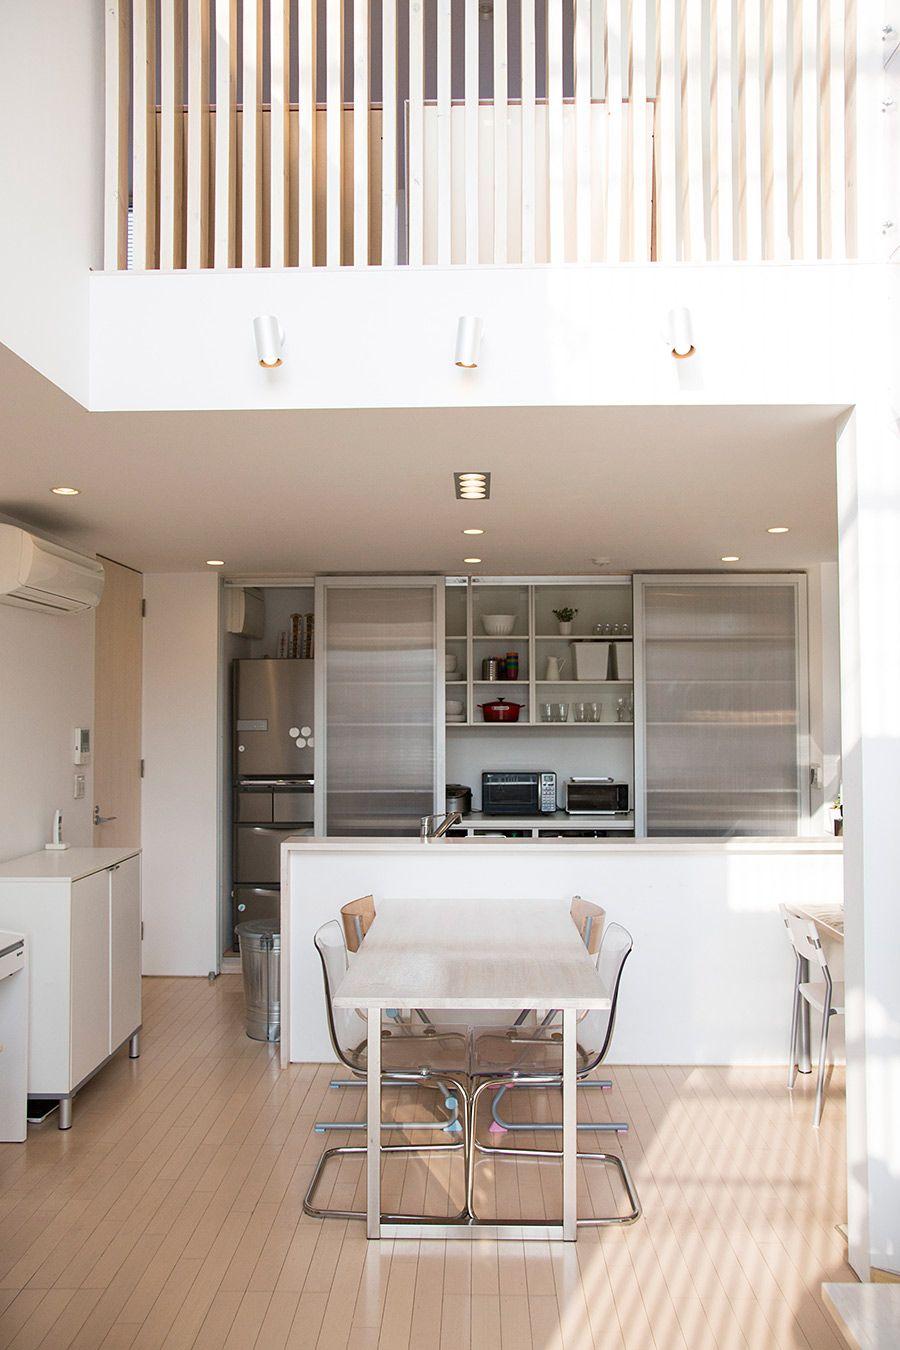 Ikeaで遊ぶシームレスに楽しむ家族との一体感 リビング キッチン キッチンパントリーのデザイン キッチンデザイン